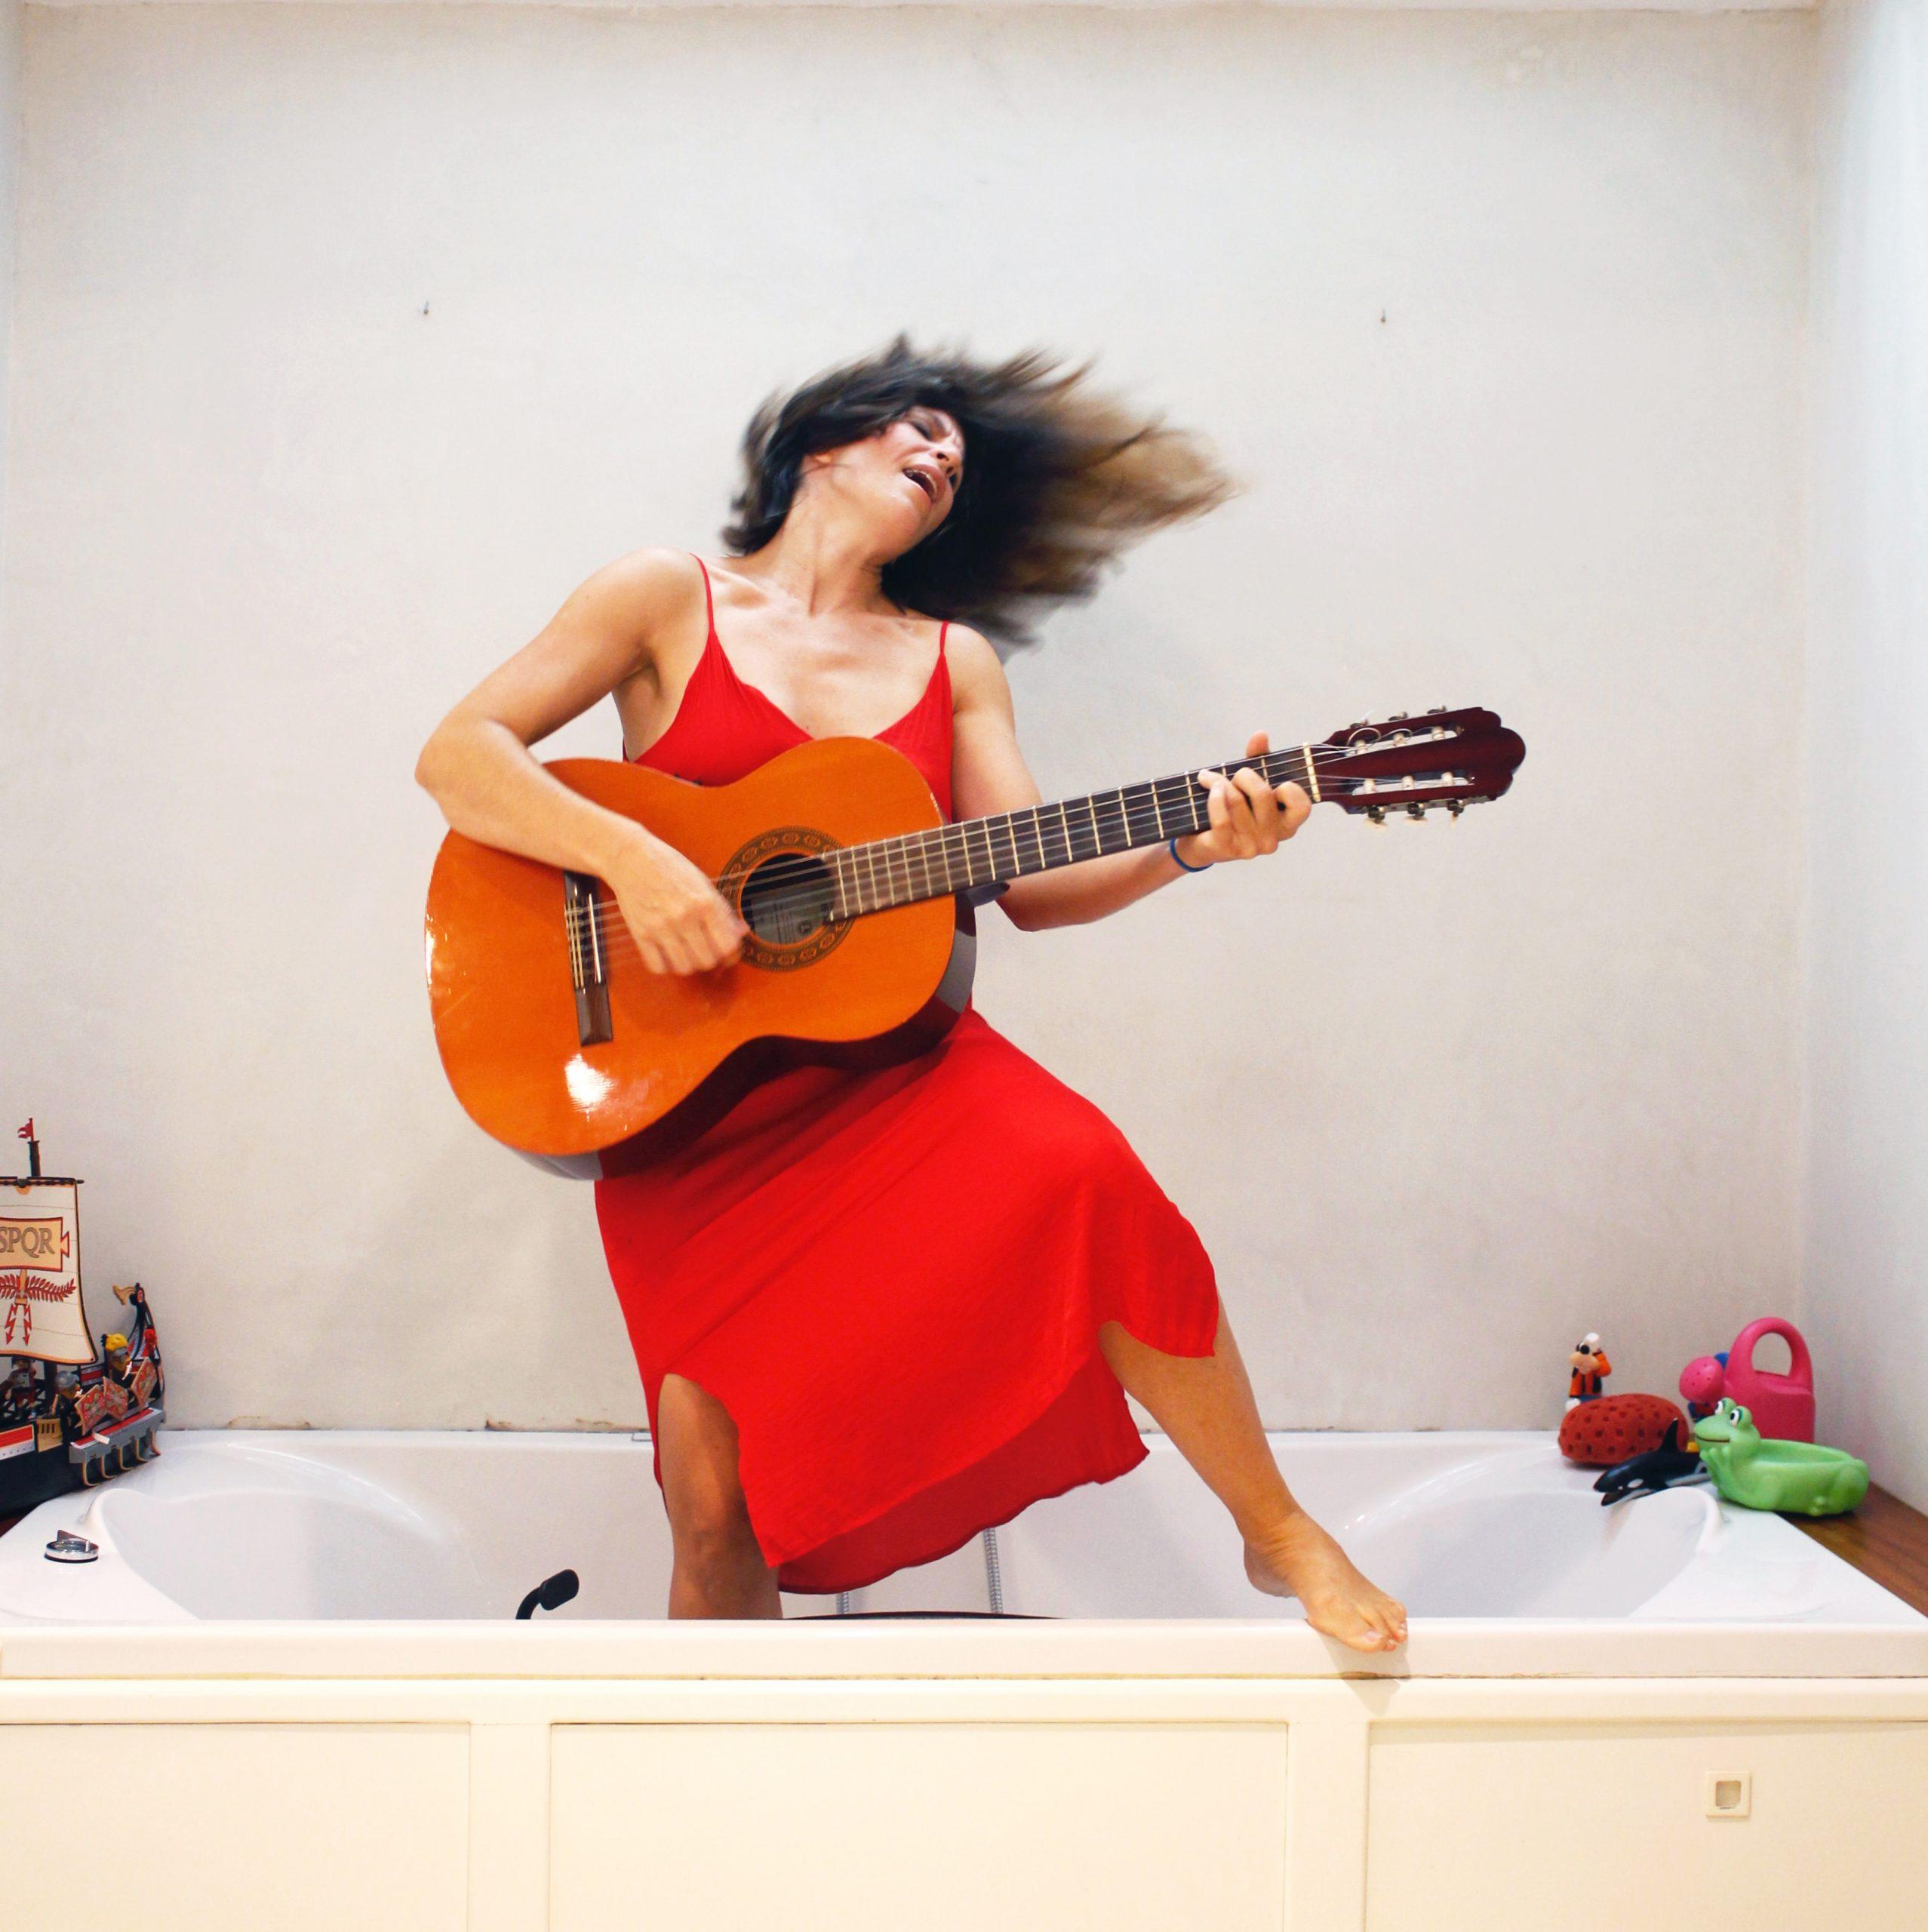 La cantante Ana Label se suma al ciclo 'Patios Encantados' para ofrecer un concierto 'online' de las canciones de su primer disco